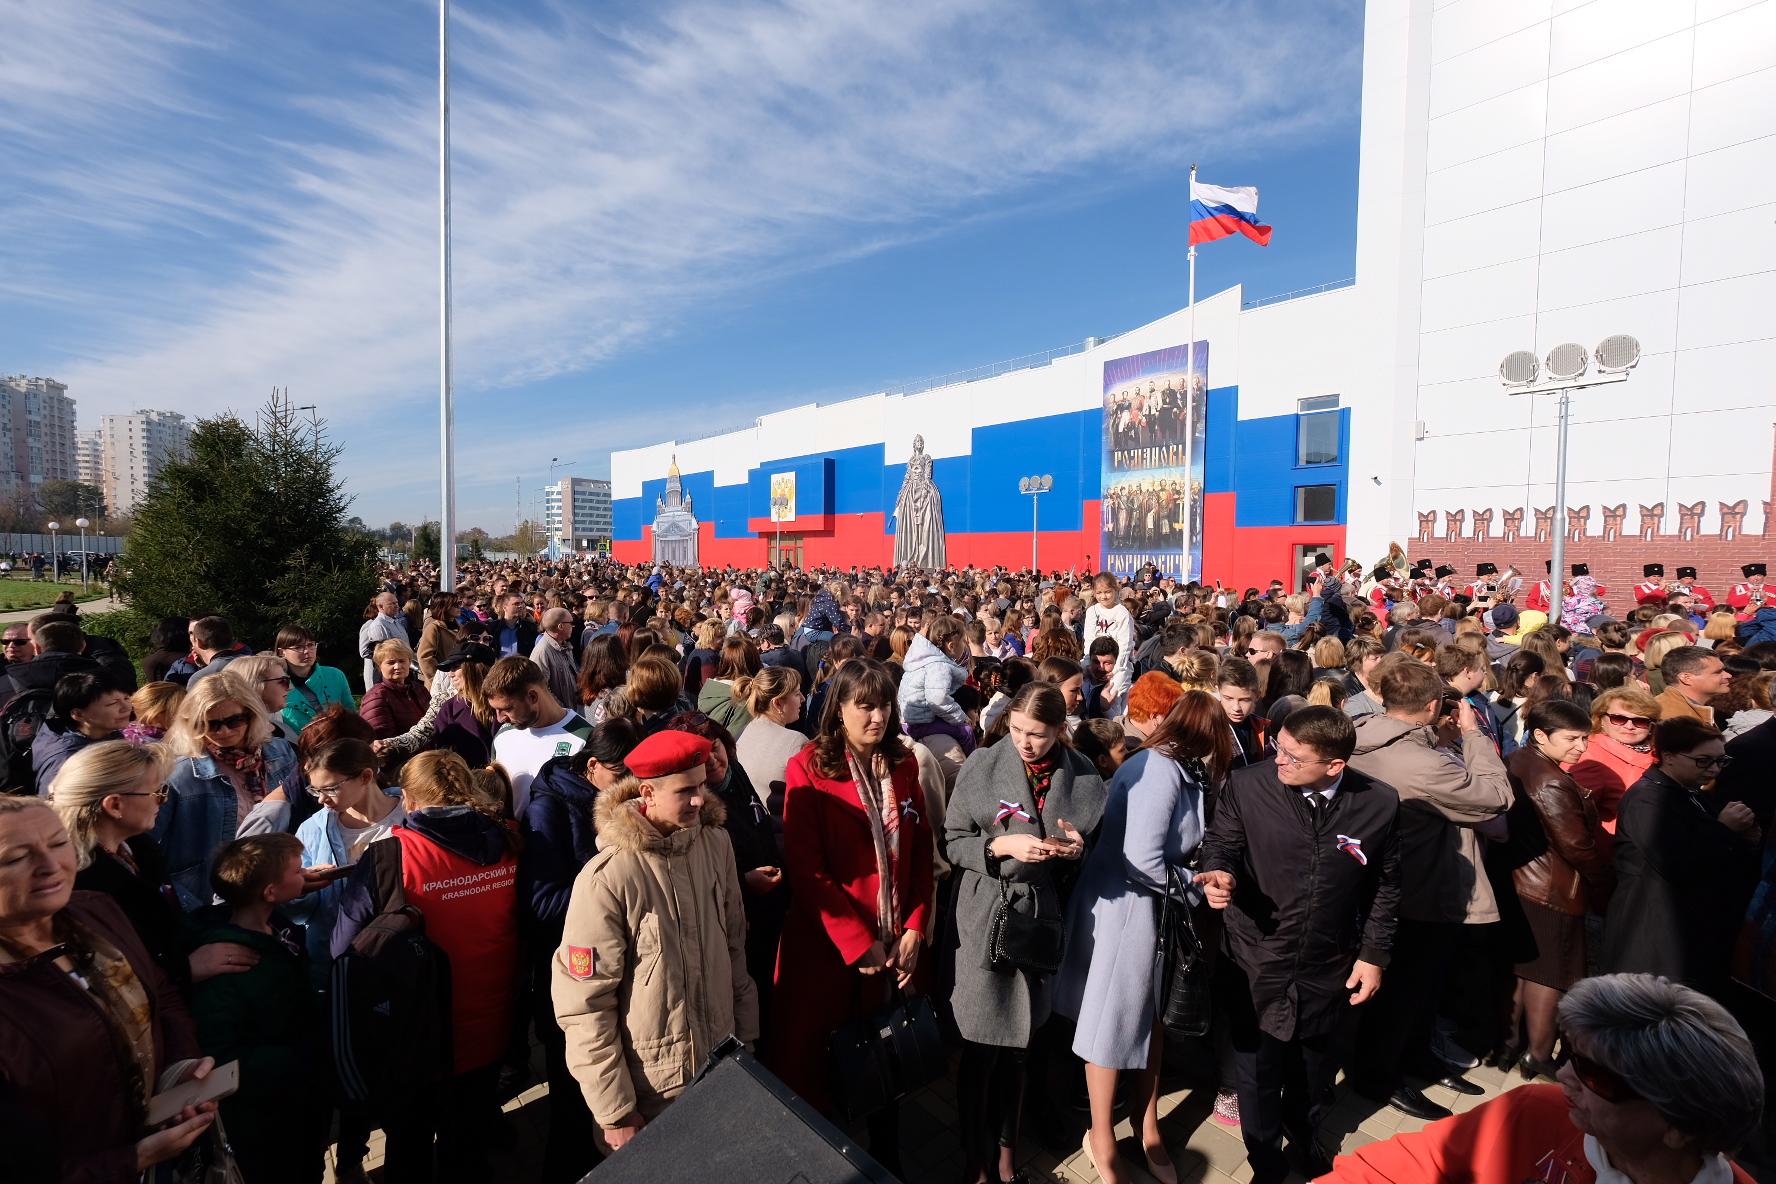 В Краснодаре в День народного единства открылся мультимедийный музей «Россия – моя история» (04.11.18)